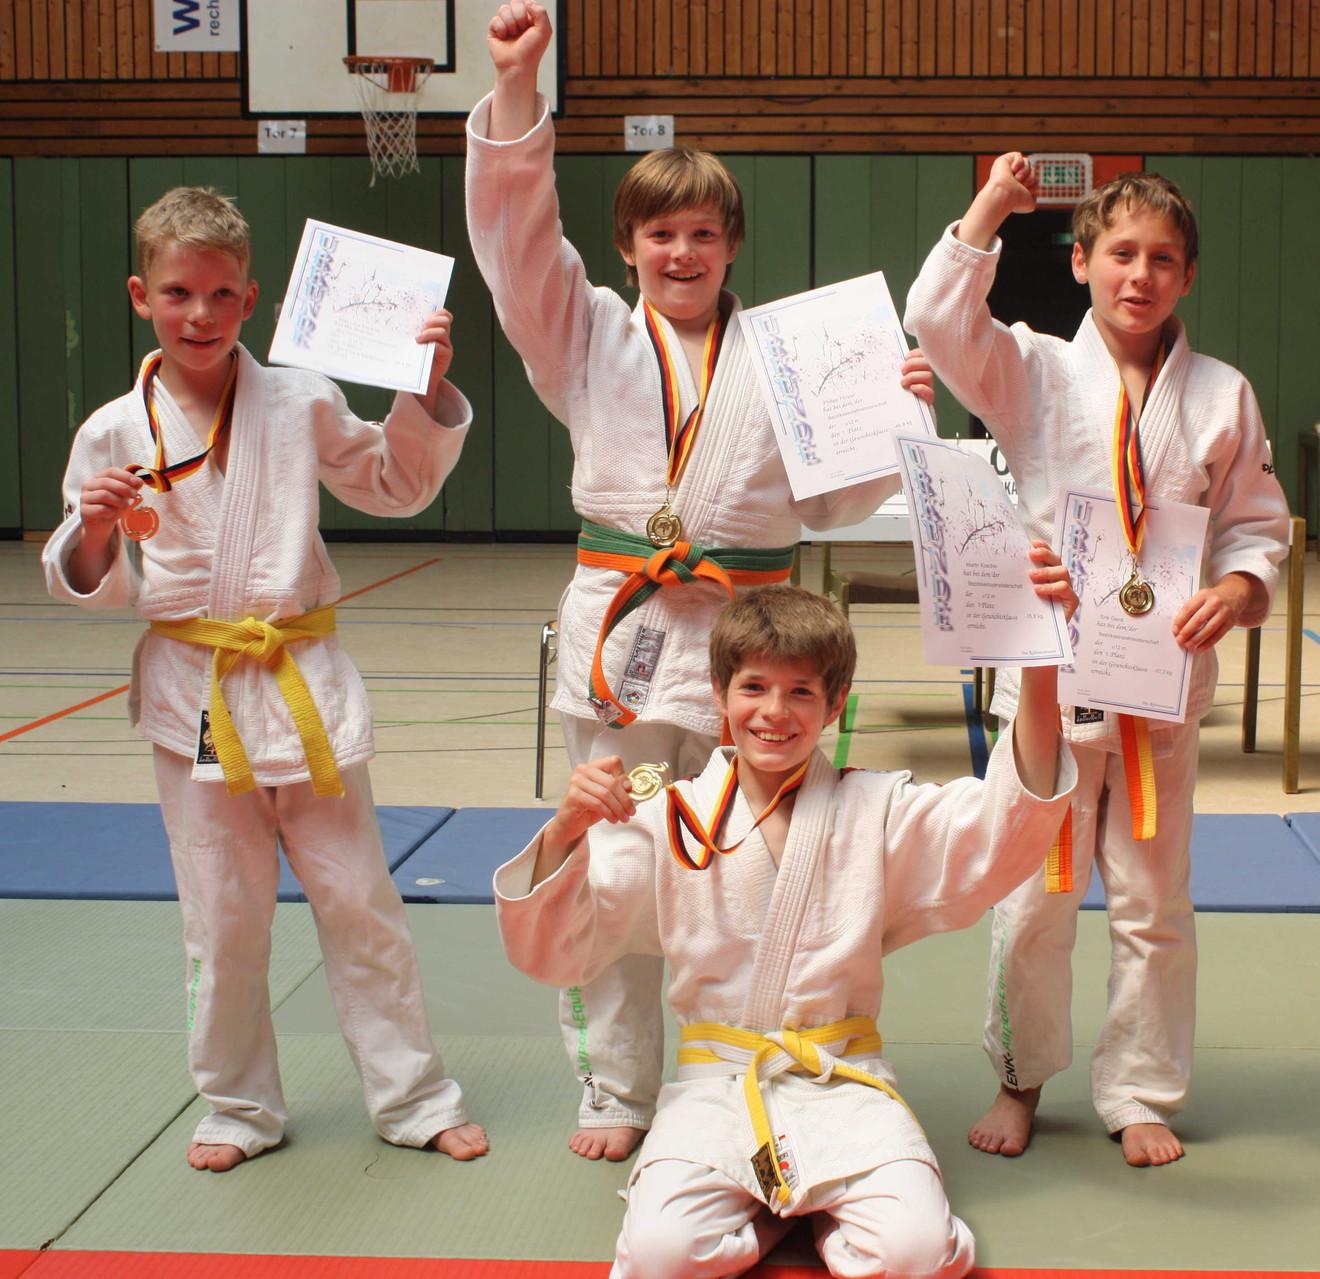 Die siegreichen Vier: von li. Kjell Peukert, Philipp Förster, Erik Gardt, kniend Martin Koschel (Shakira Blanck fehlt auf dem Bild)